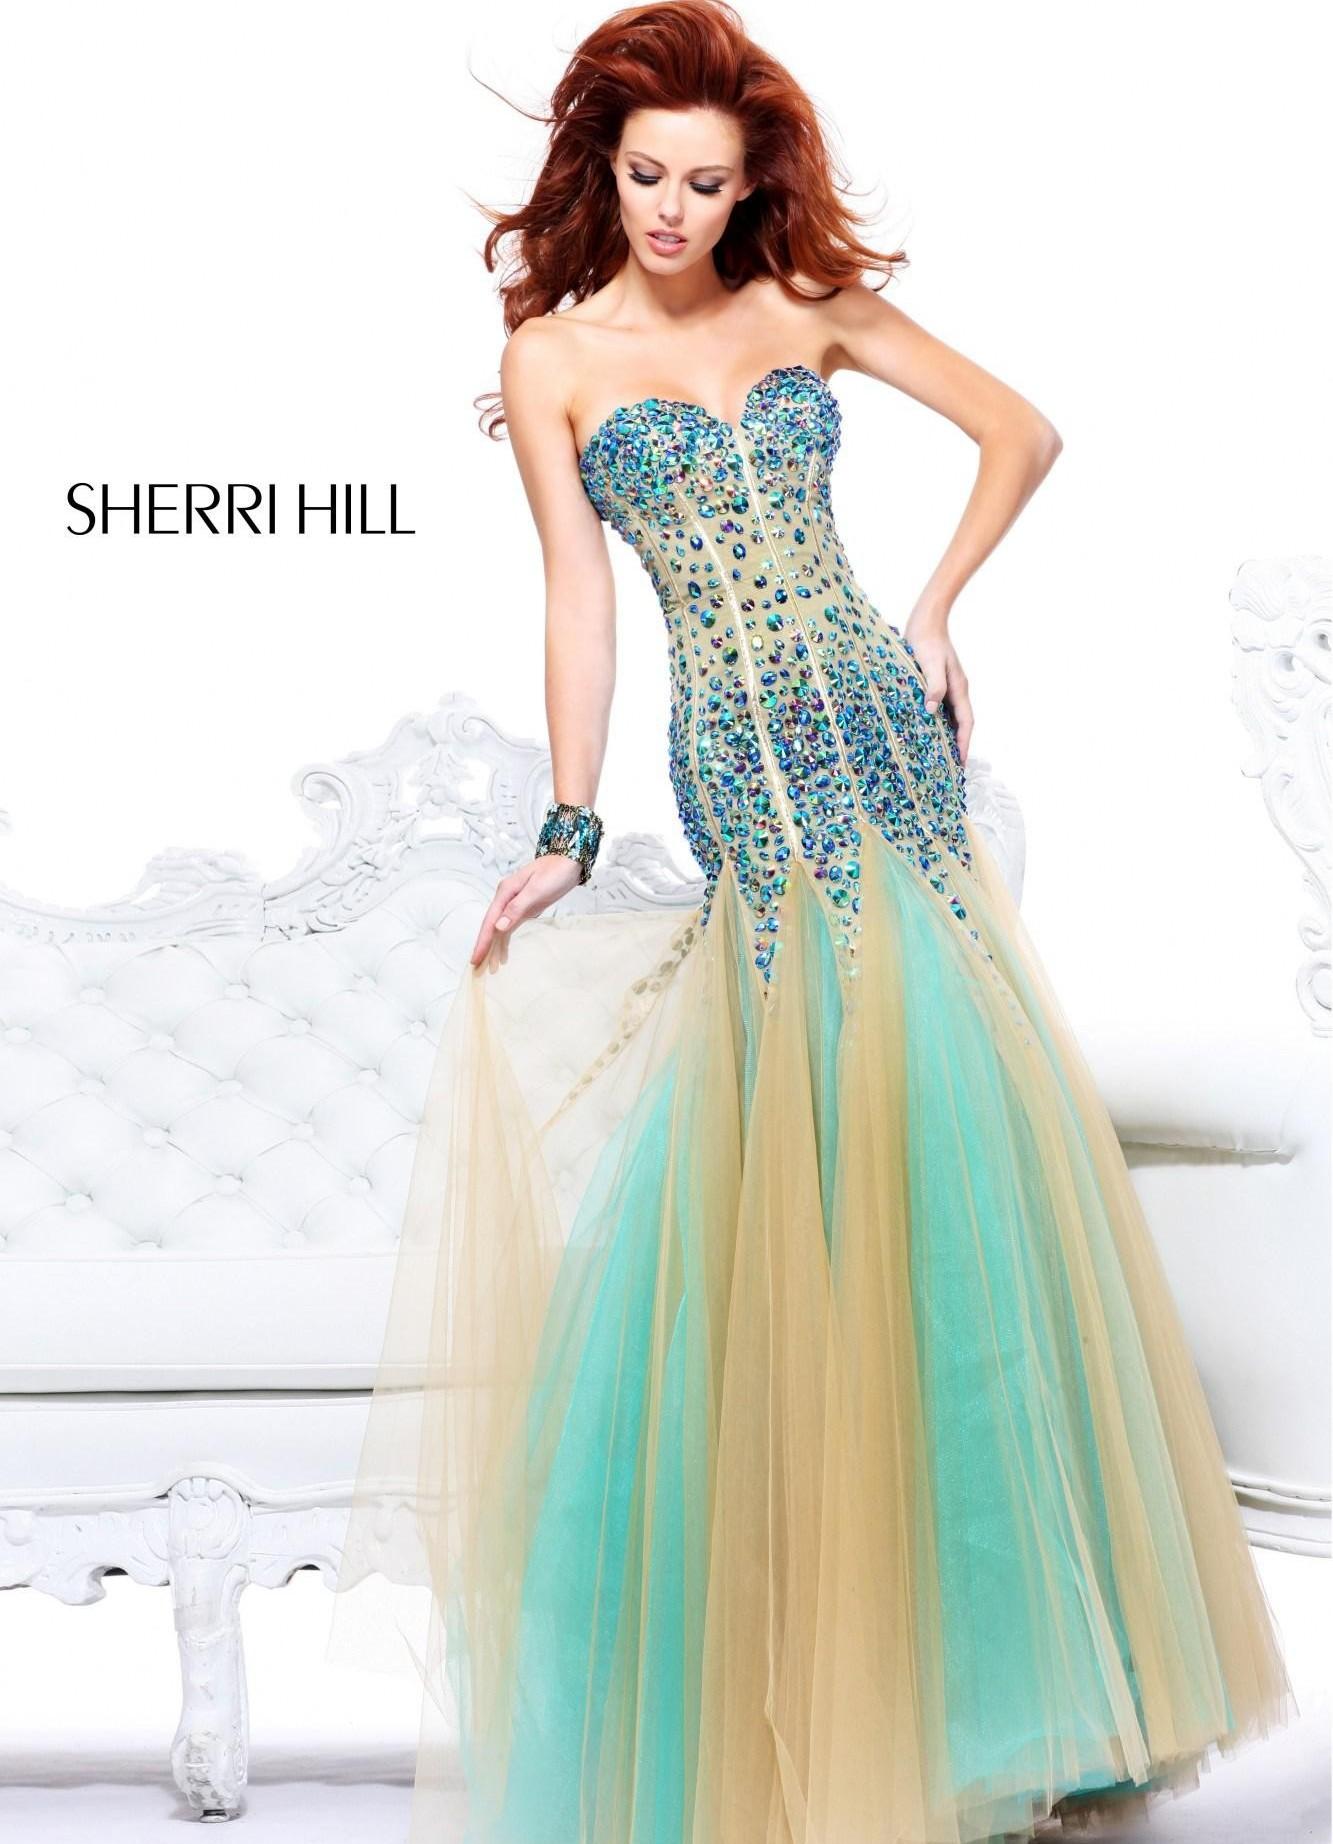 Фото платьев sherri hill